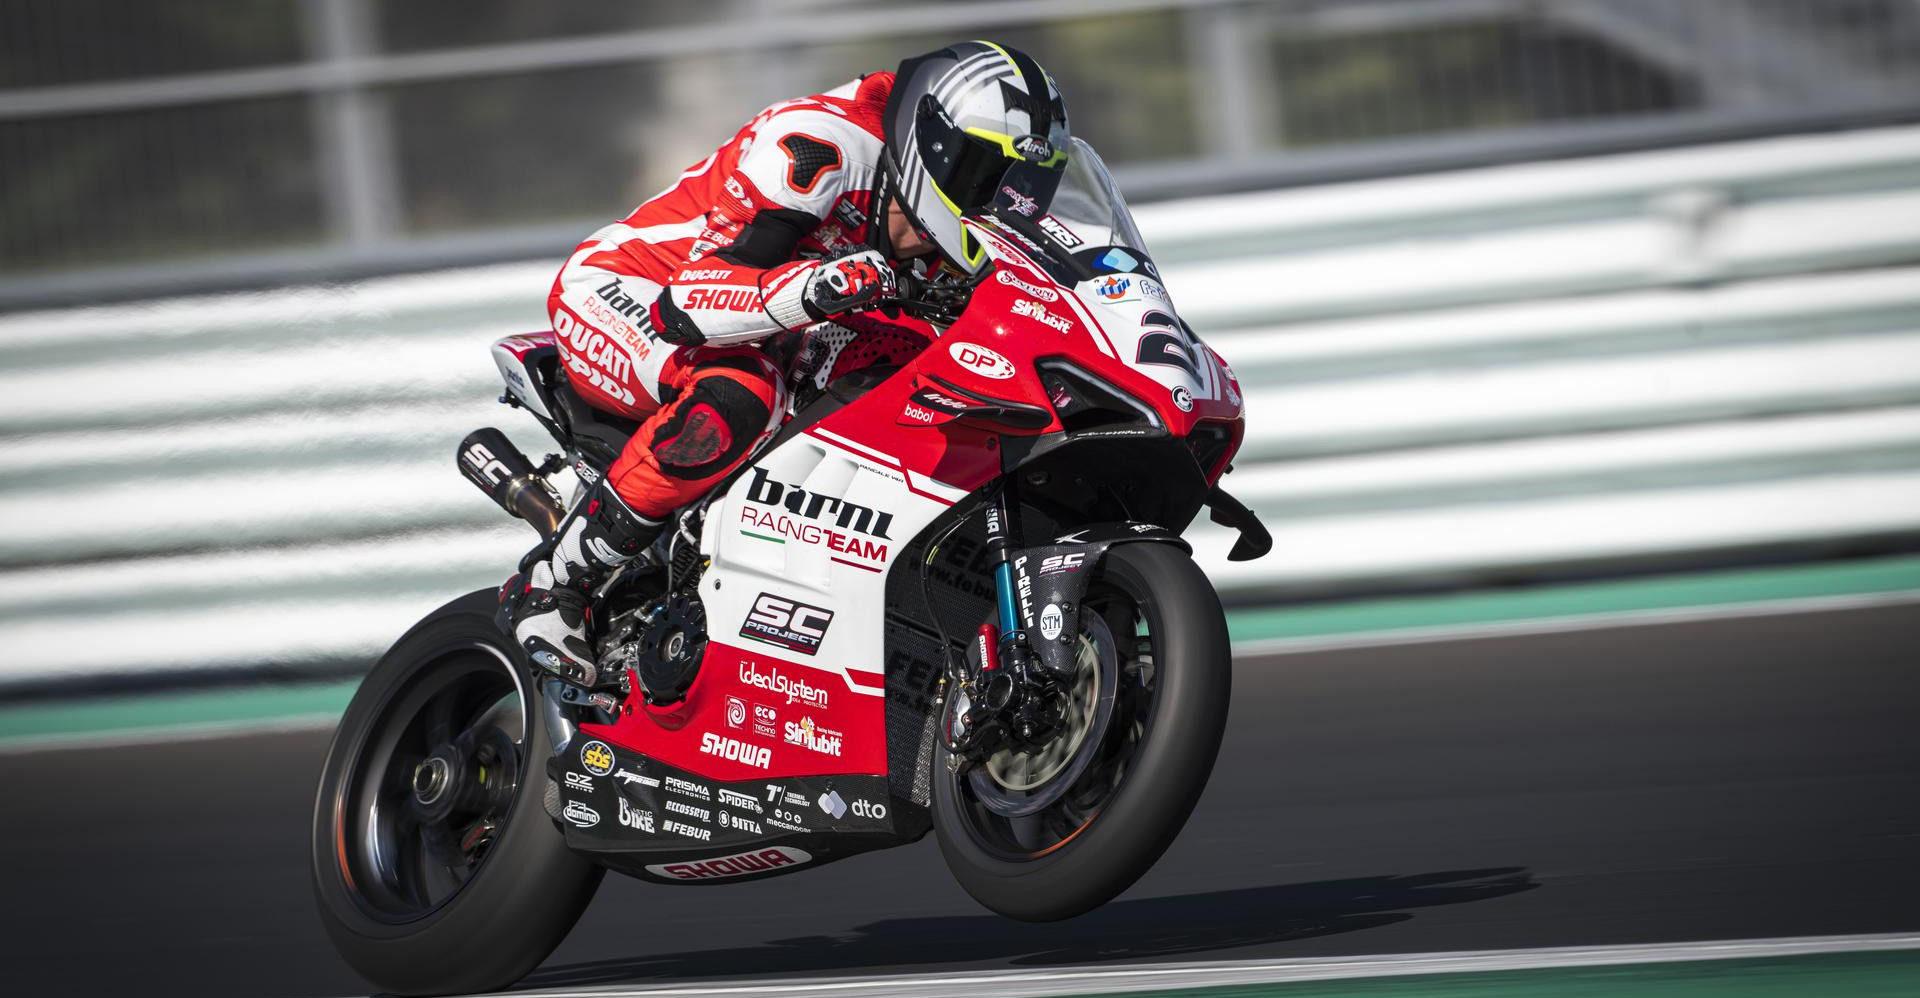 Leon Camier (2) at Misano. Photo courtesy Barni Racing.